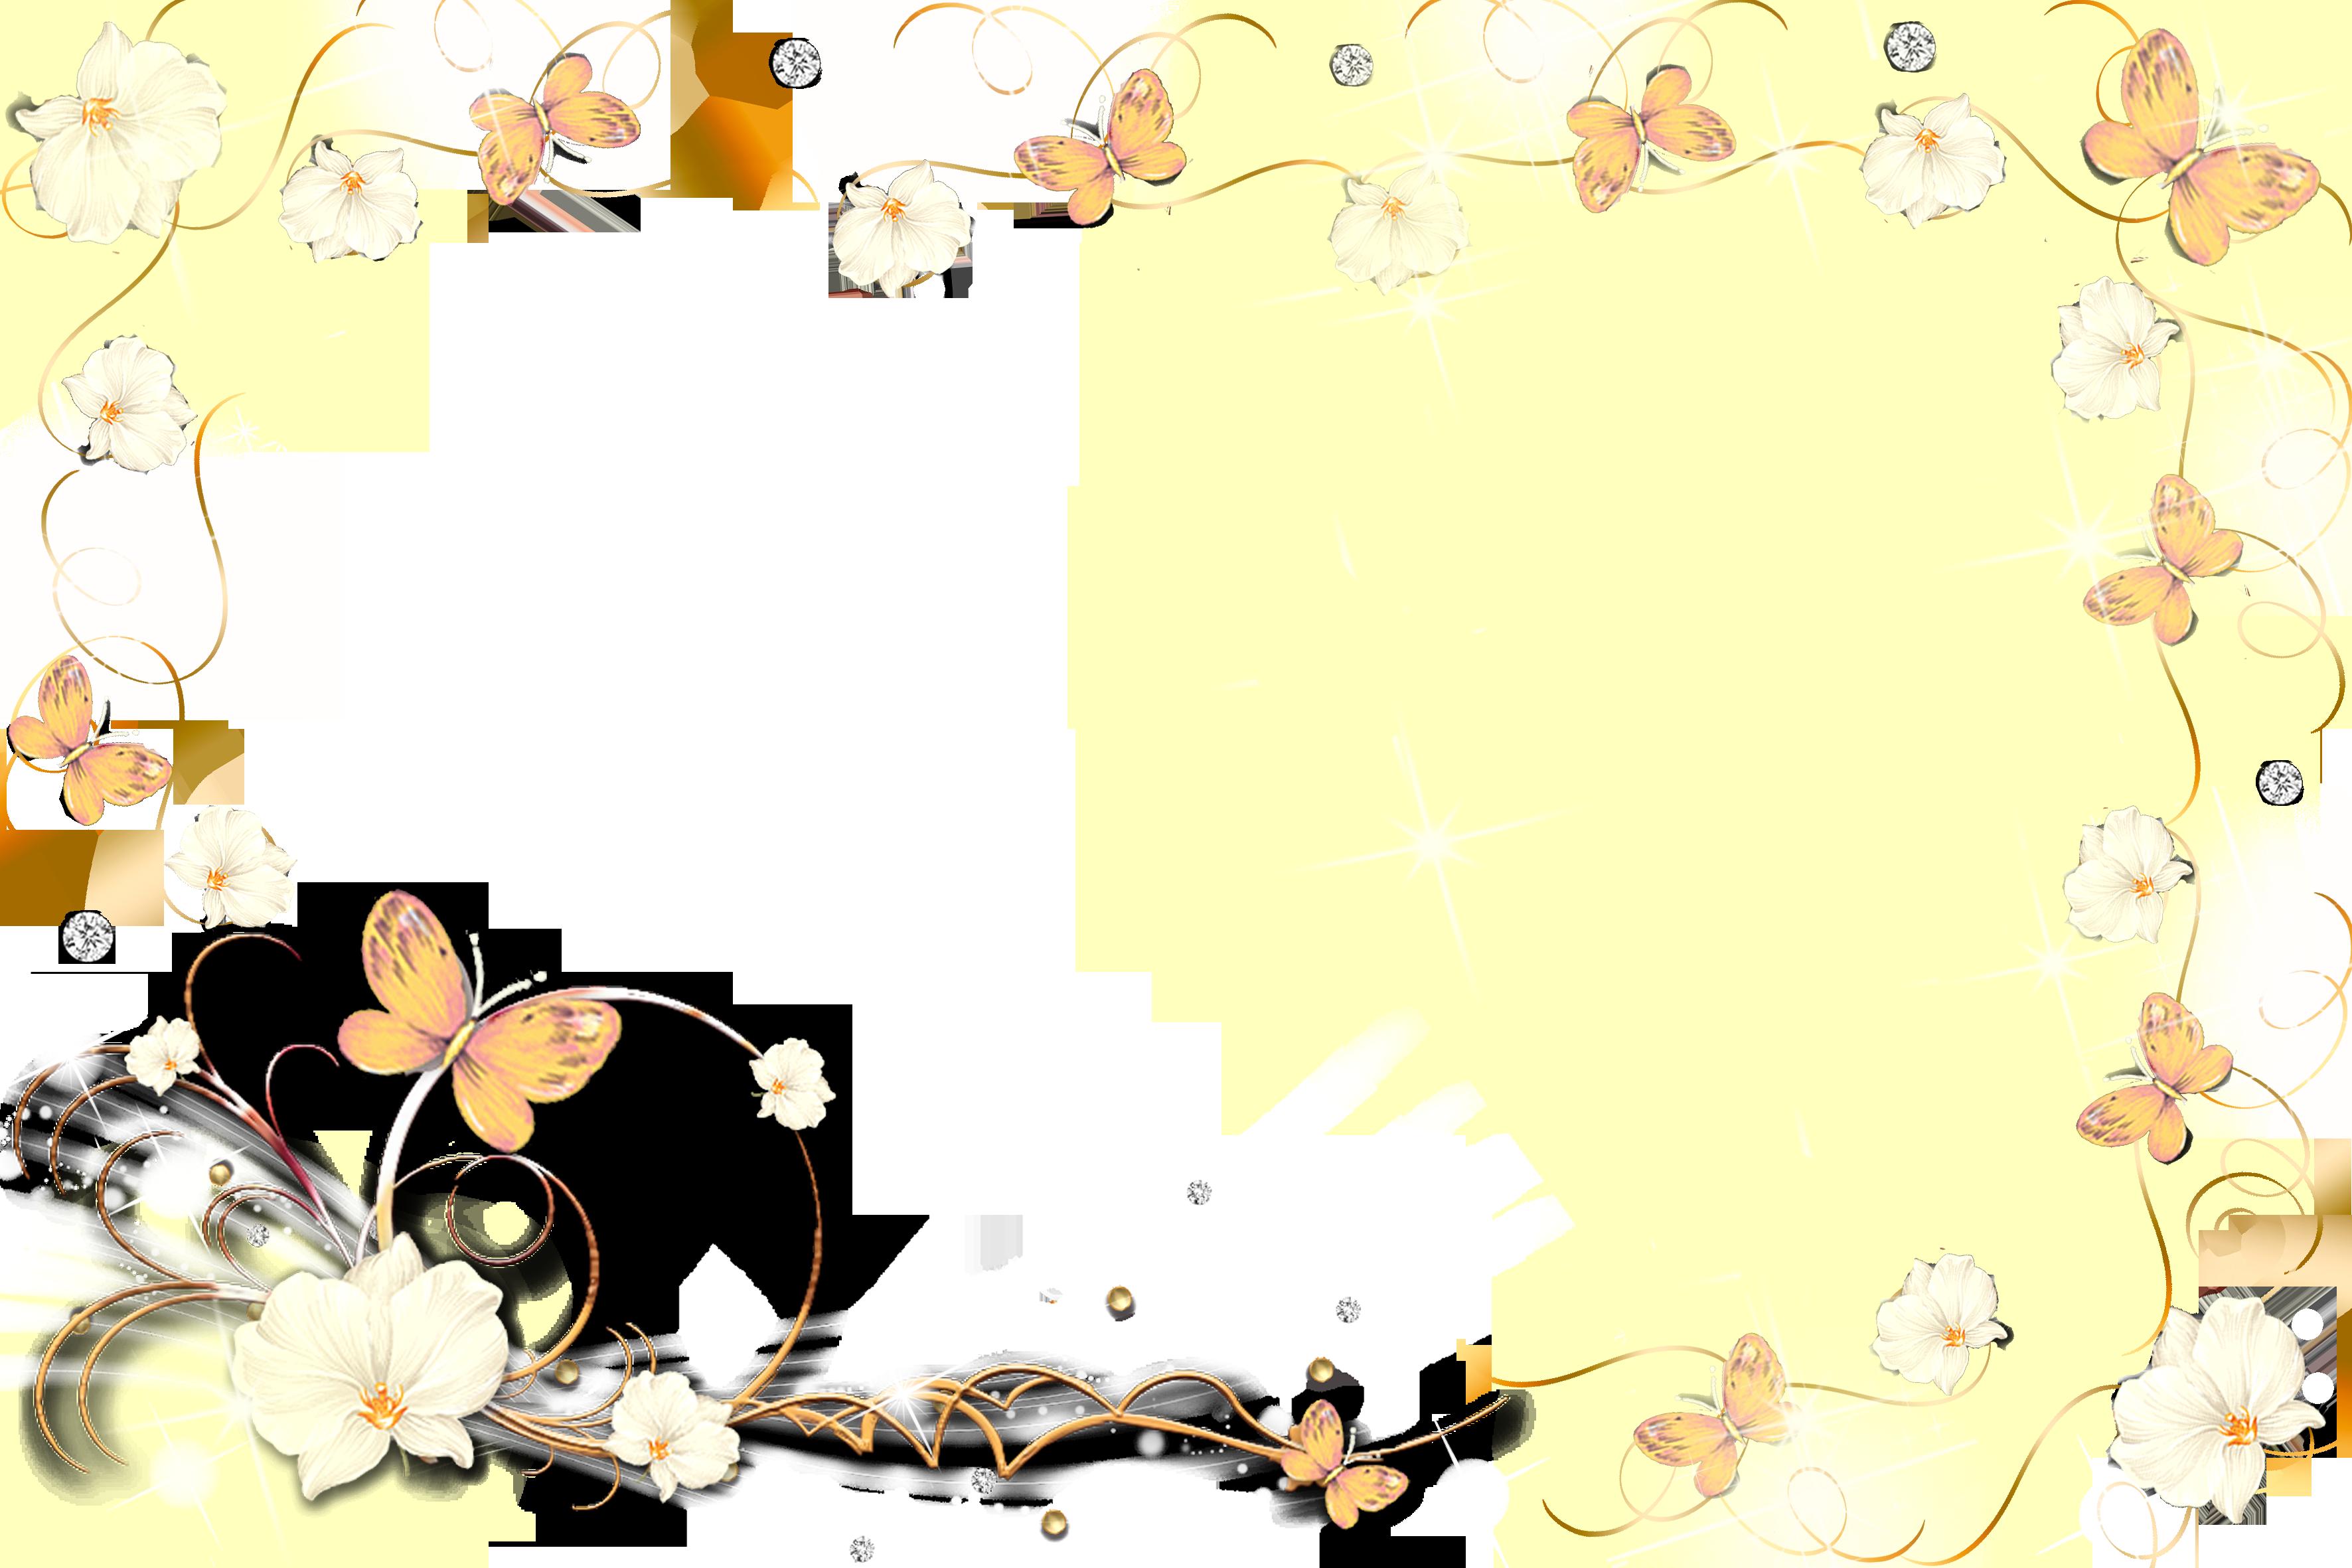 Khung Hình Ghép Ảnh Cực Đẹp 2